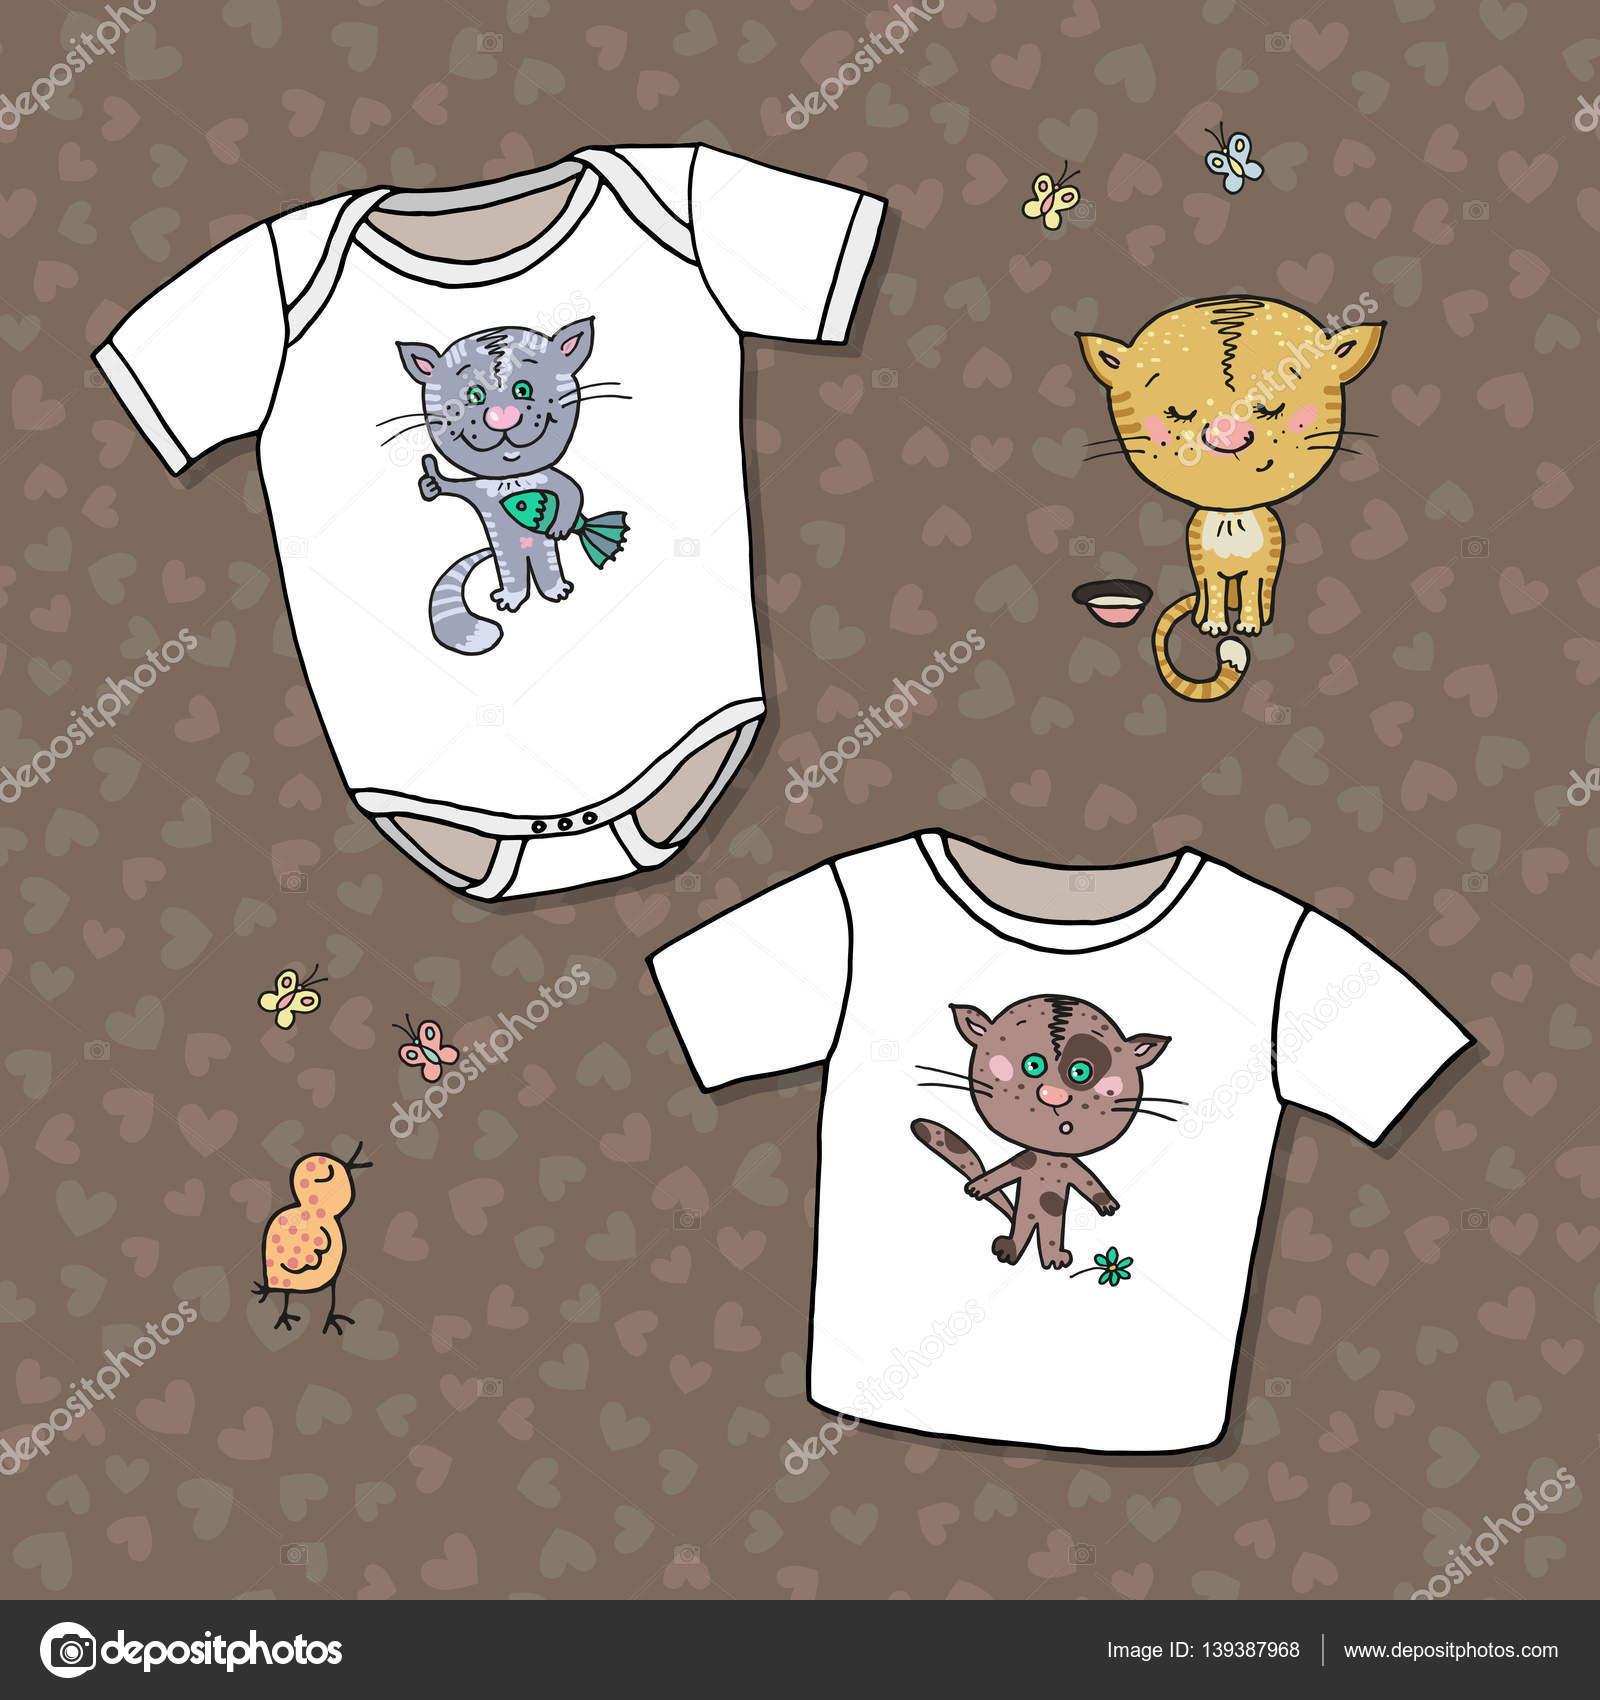 Plantilla de dibujo de mono y camiseta para niños — Archivo Imágenes ...